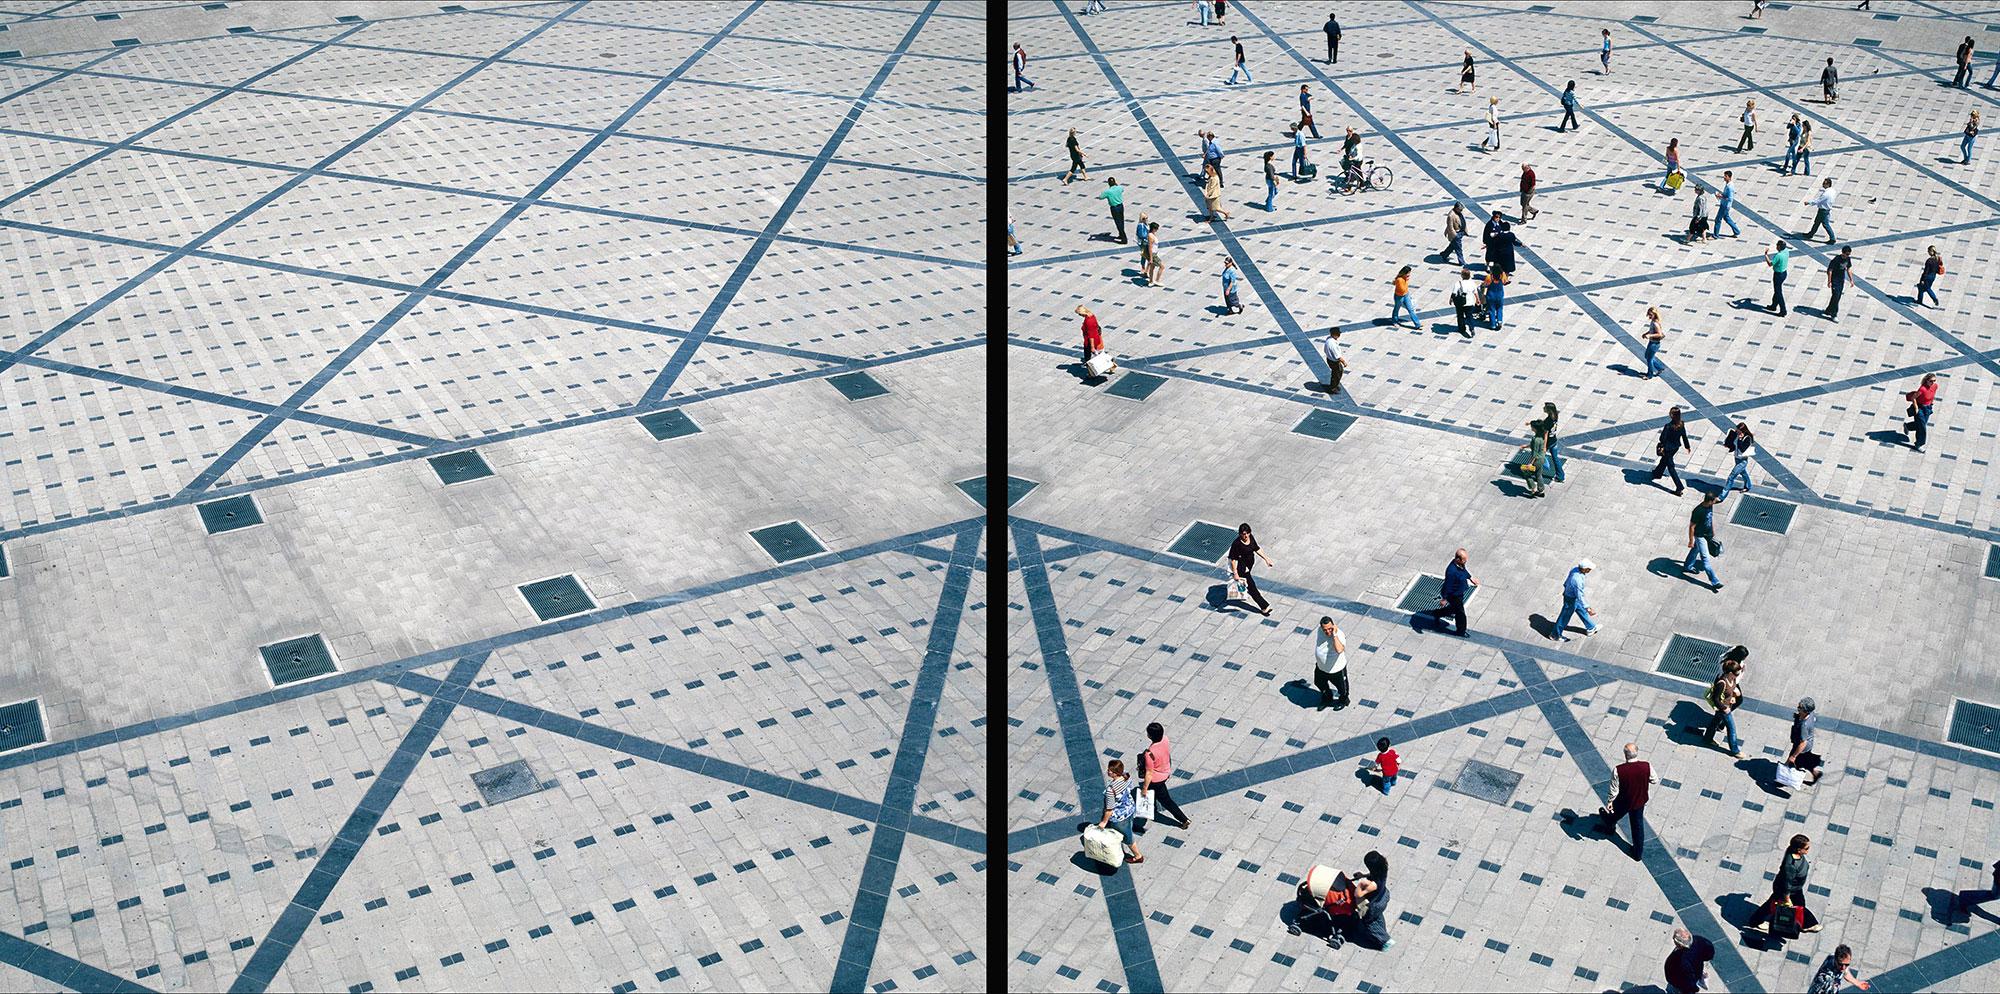 Δωμάτια της πόλης: Προσεγγίζοντας τη νέα αστικότητα